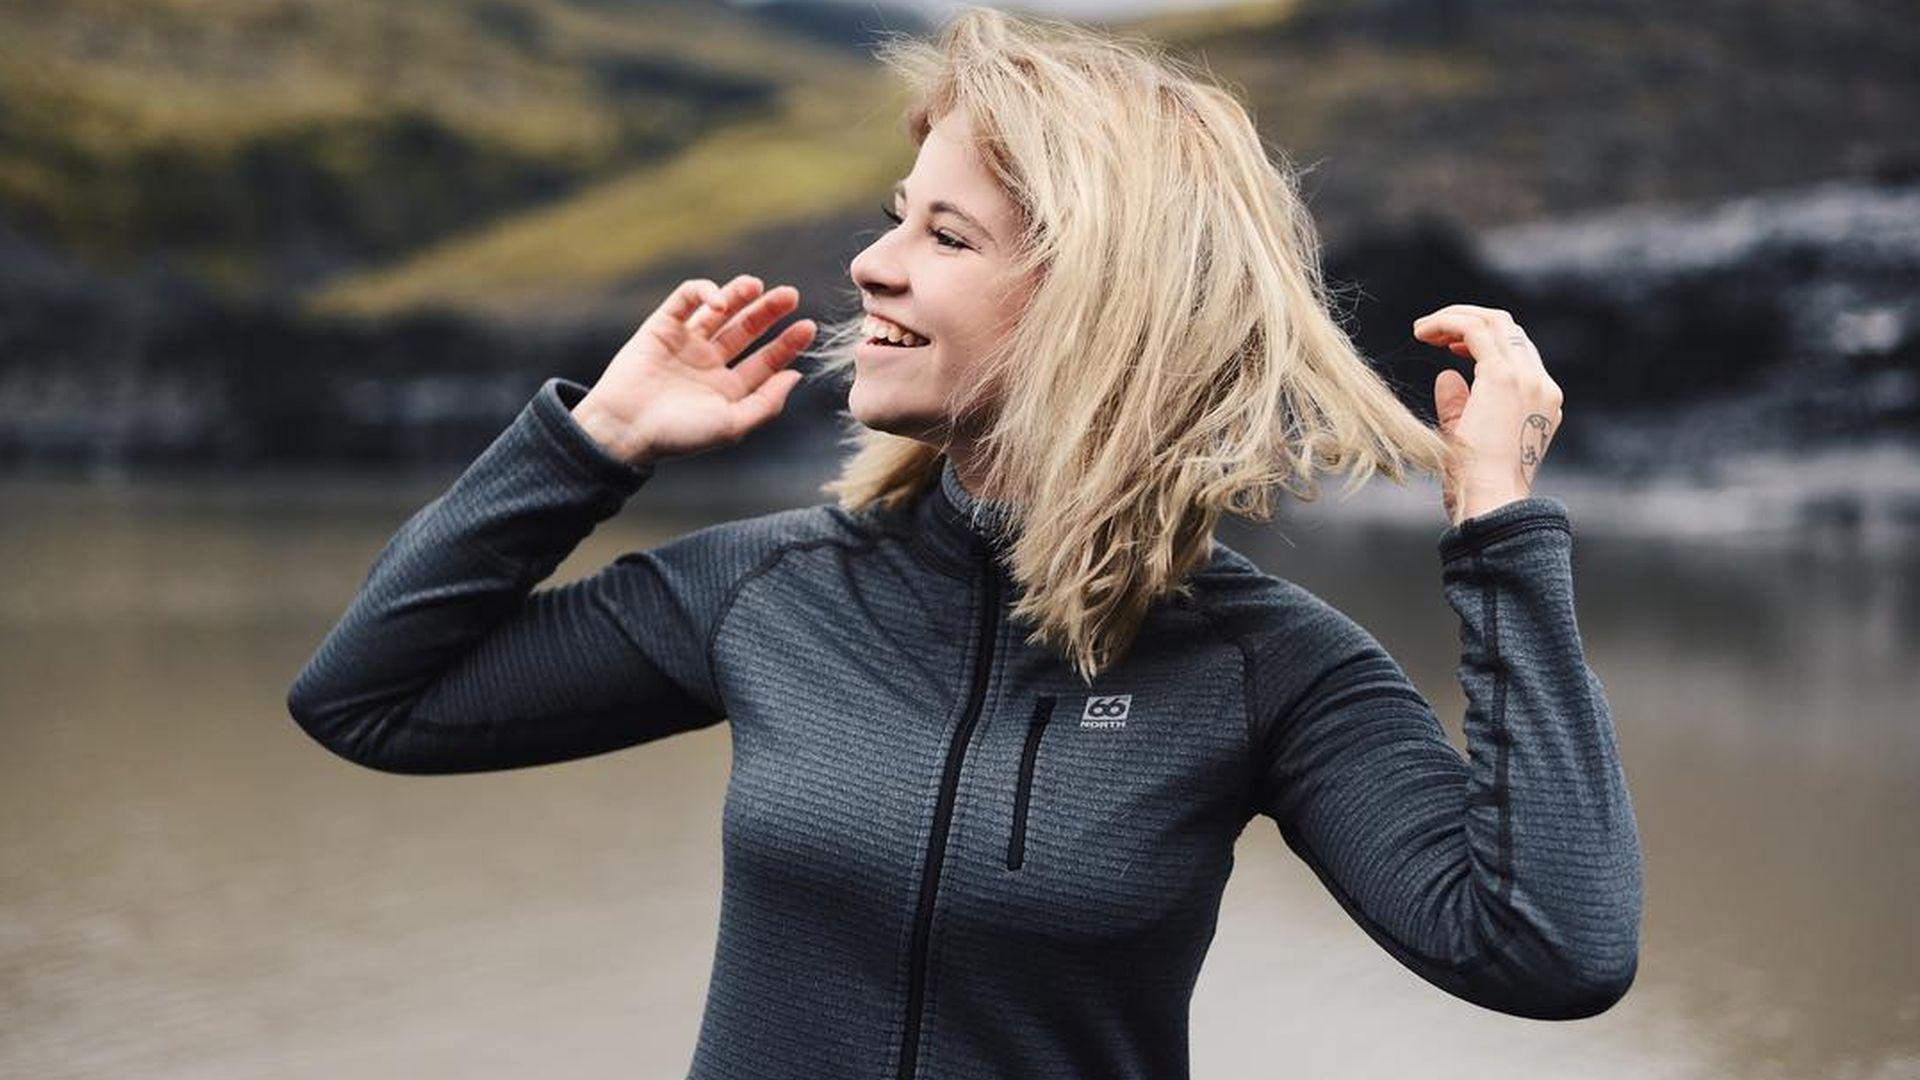 Radikalschnitt Wie Gefällt Euch Melina Sophies Neue Frisur